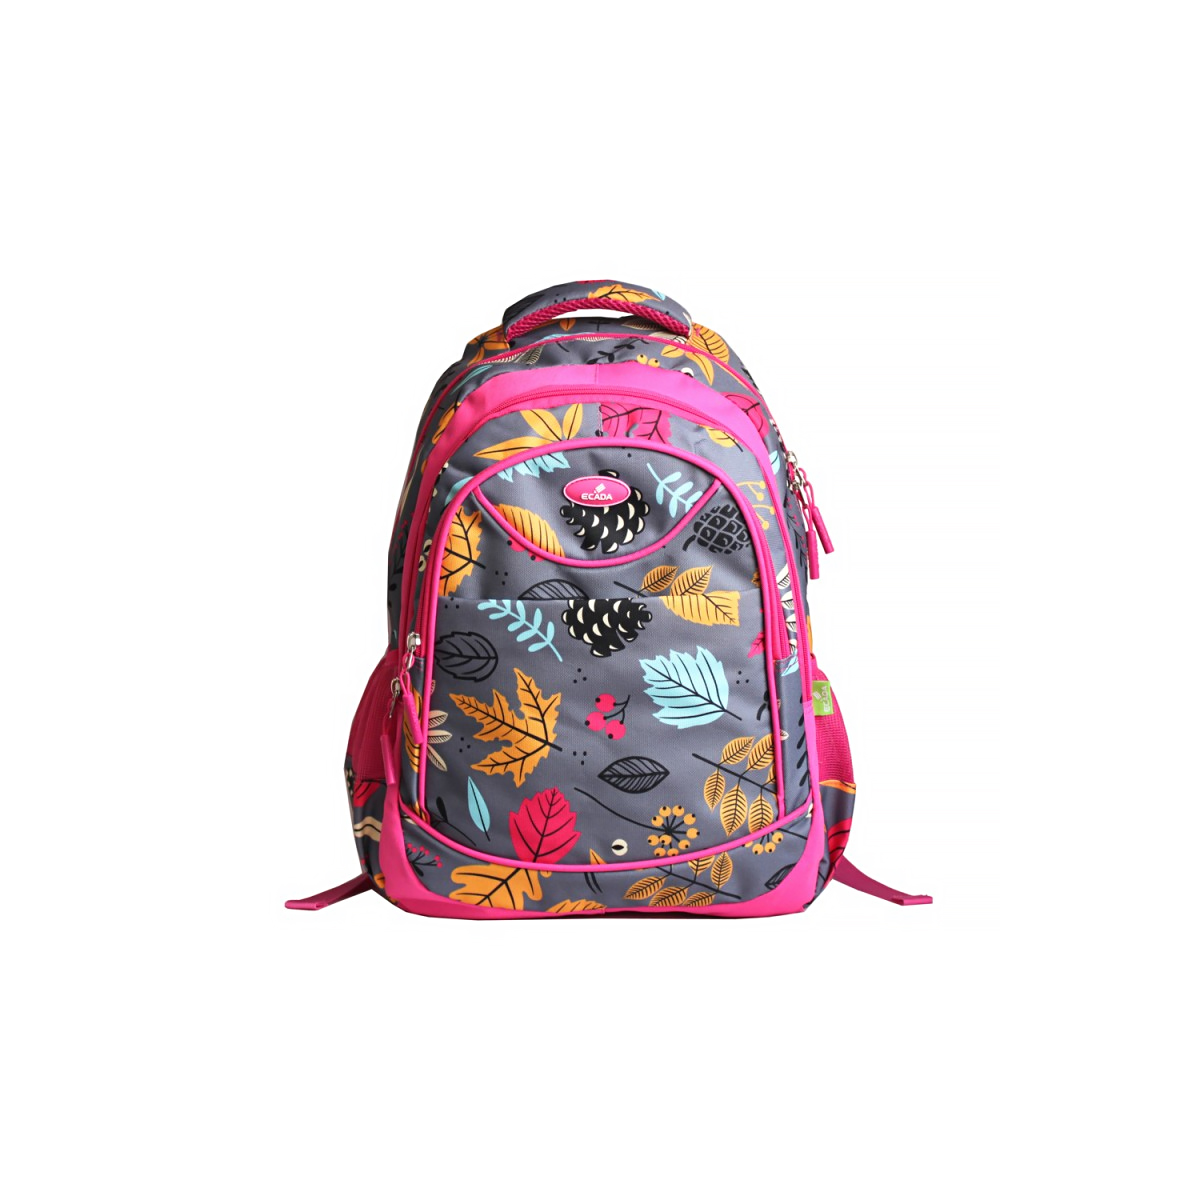 Ghiozdan Școlar Pentru Adolescenți, Multicolor, Flori, Ecada, 61407